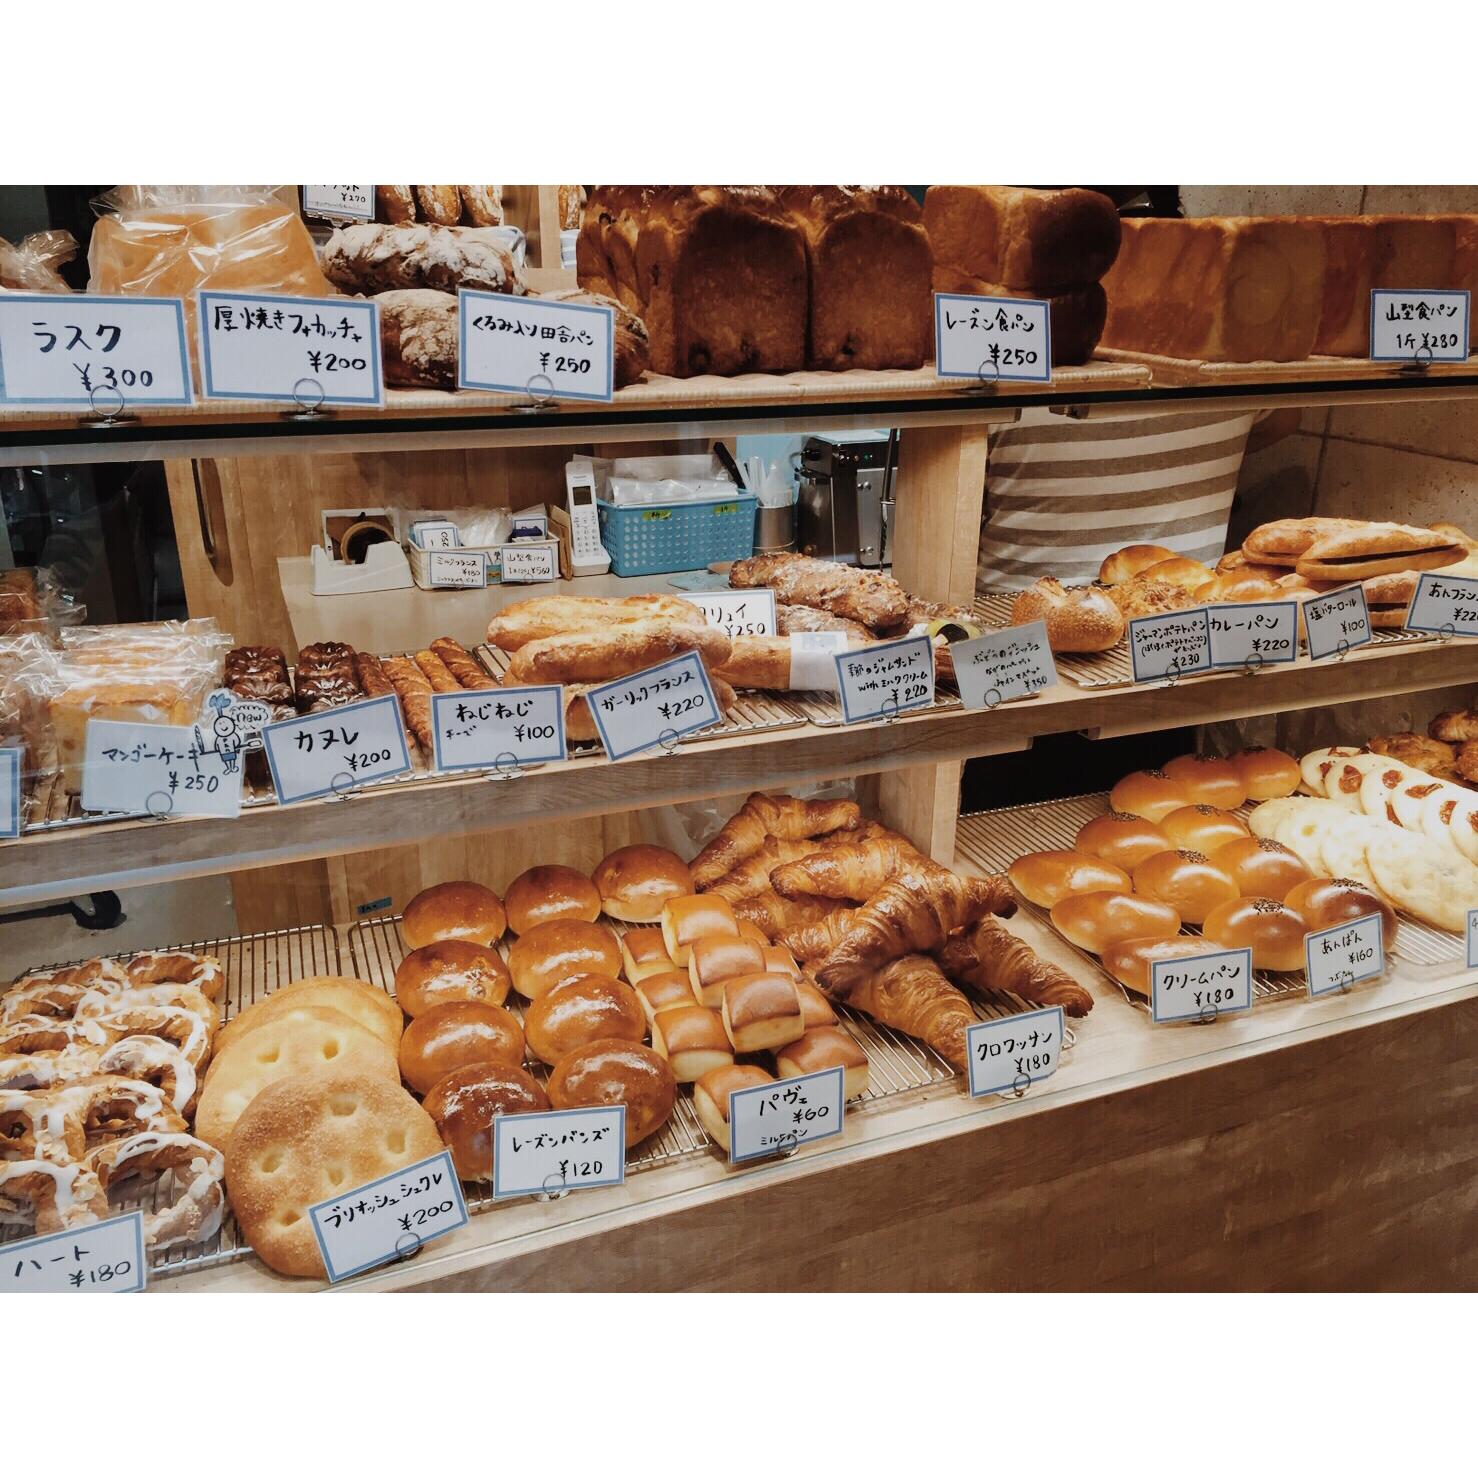 本日のパン棚(2016.09.16) | OPAN オパン|東京 笹塚のパン屋